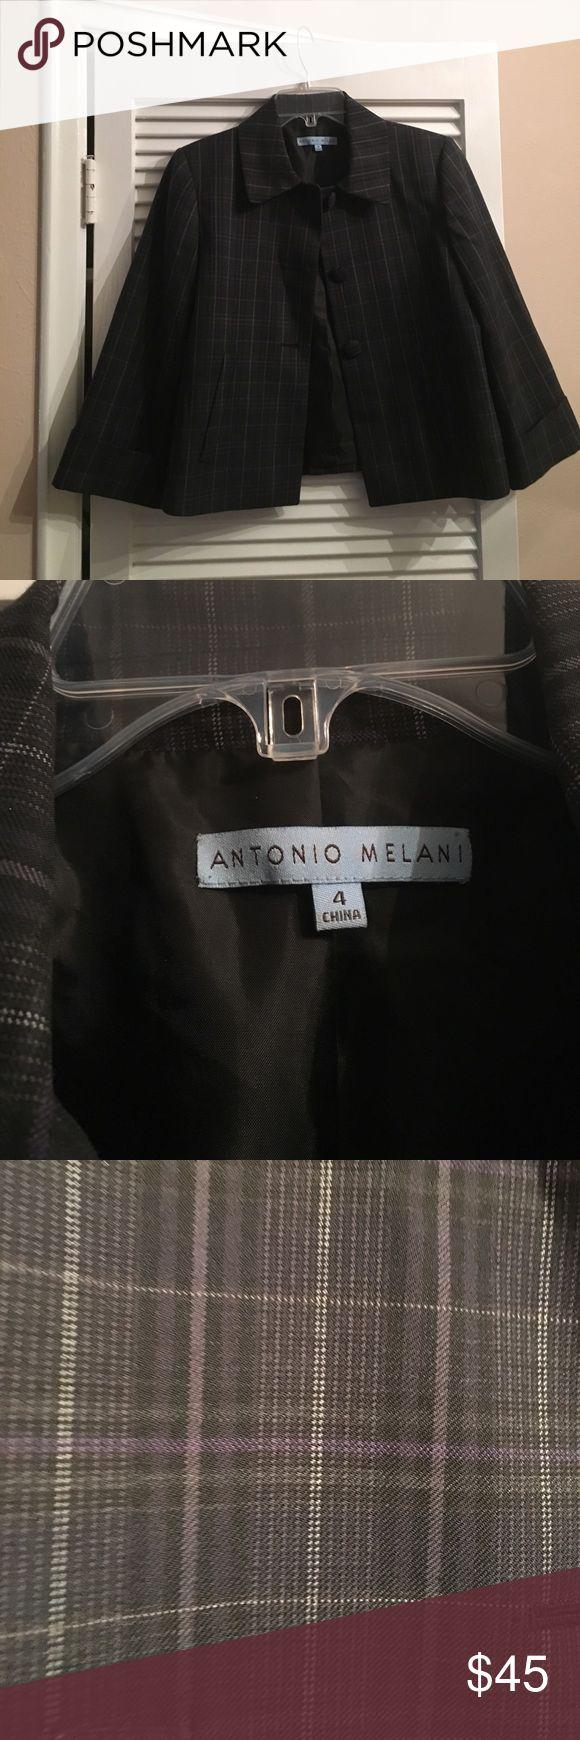 Antonio Melani black plaid blazer Antonio Melani black plaid size 4 blazer ANTONIO MELANI Jackets & Coats Blazers